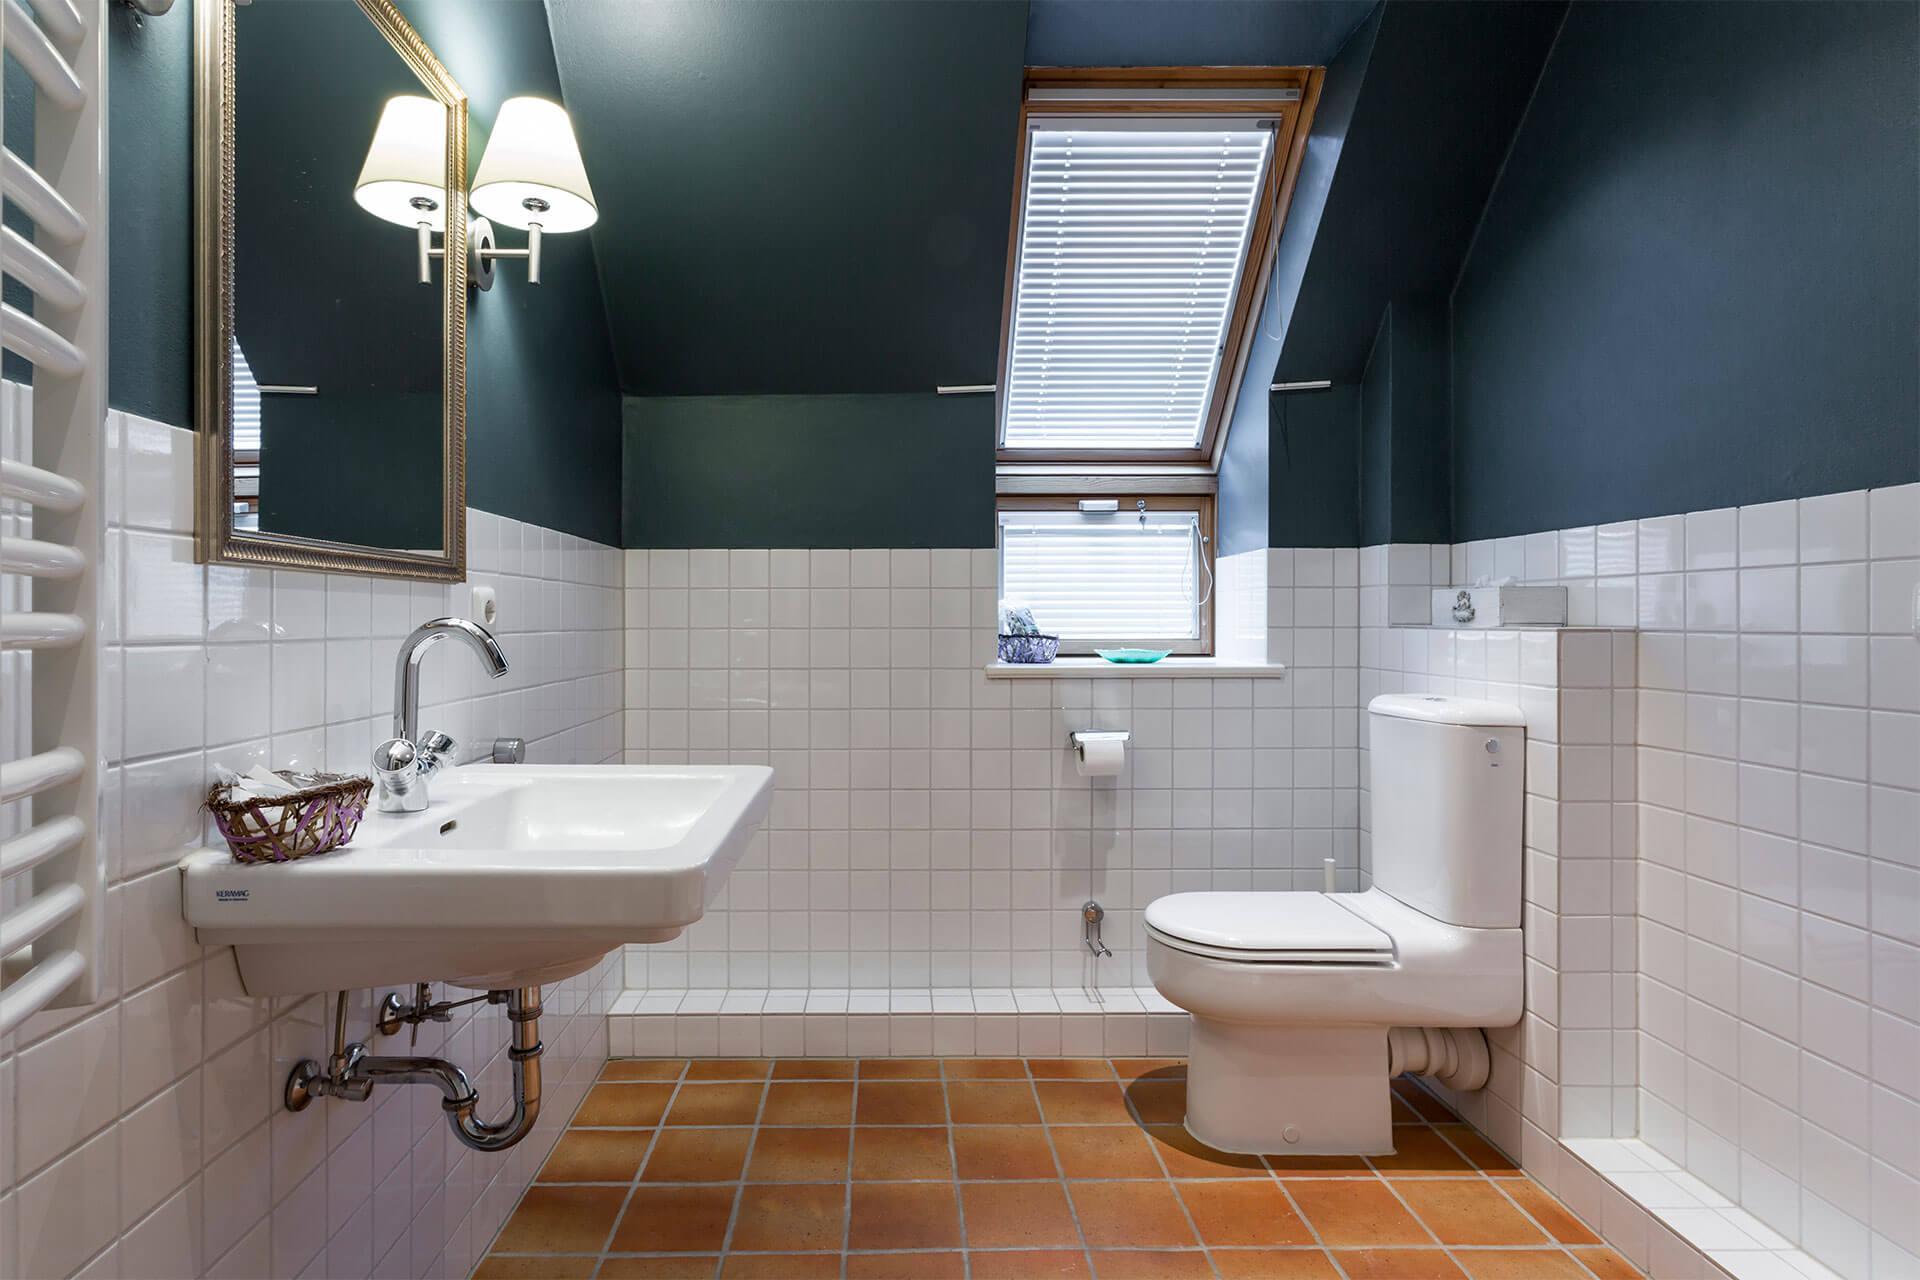 Das Badezimmer mit Terrafliese und schöner Ambientebeleuchtung